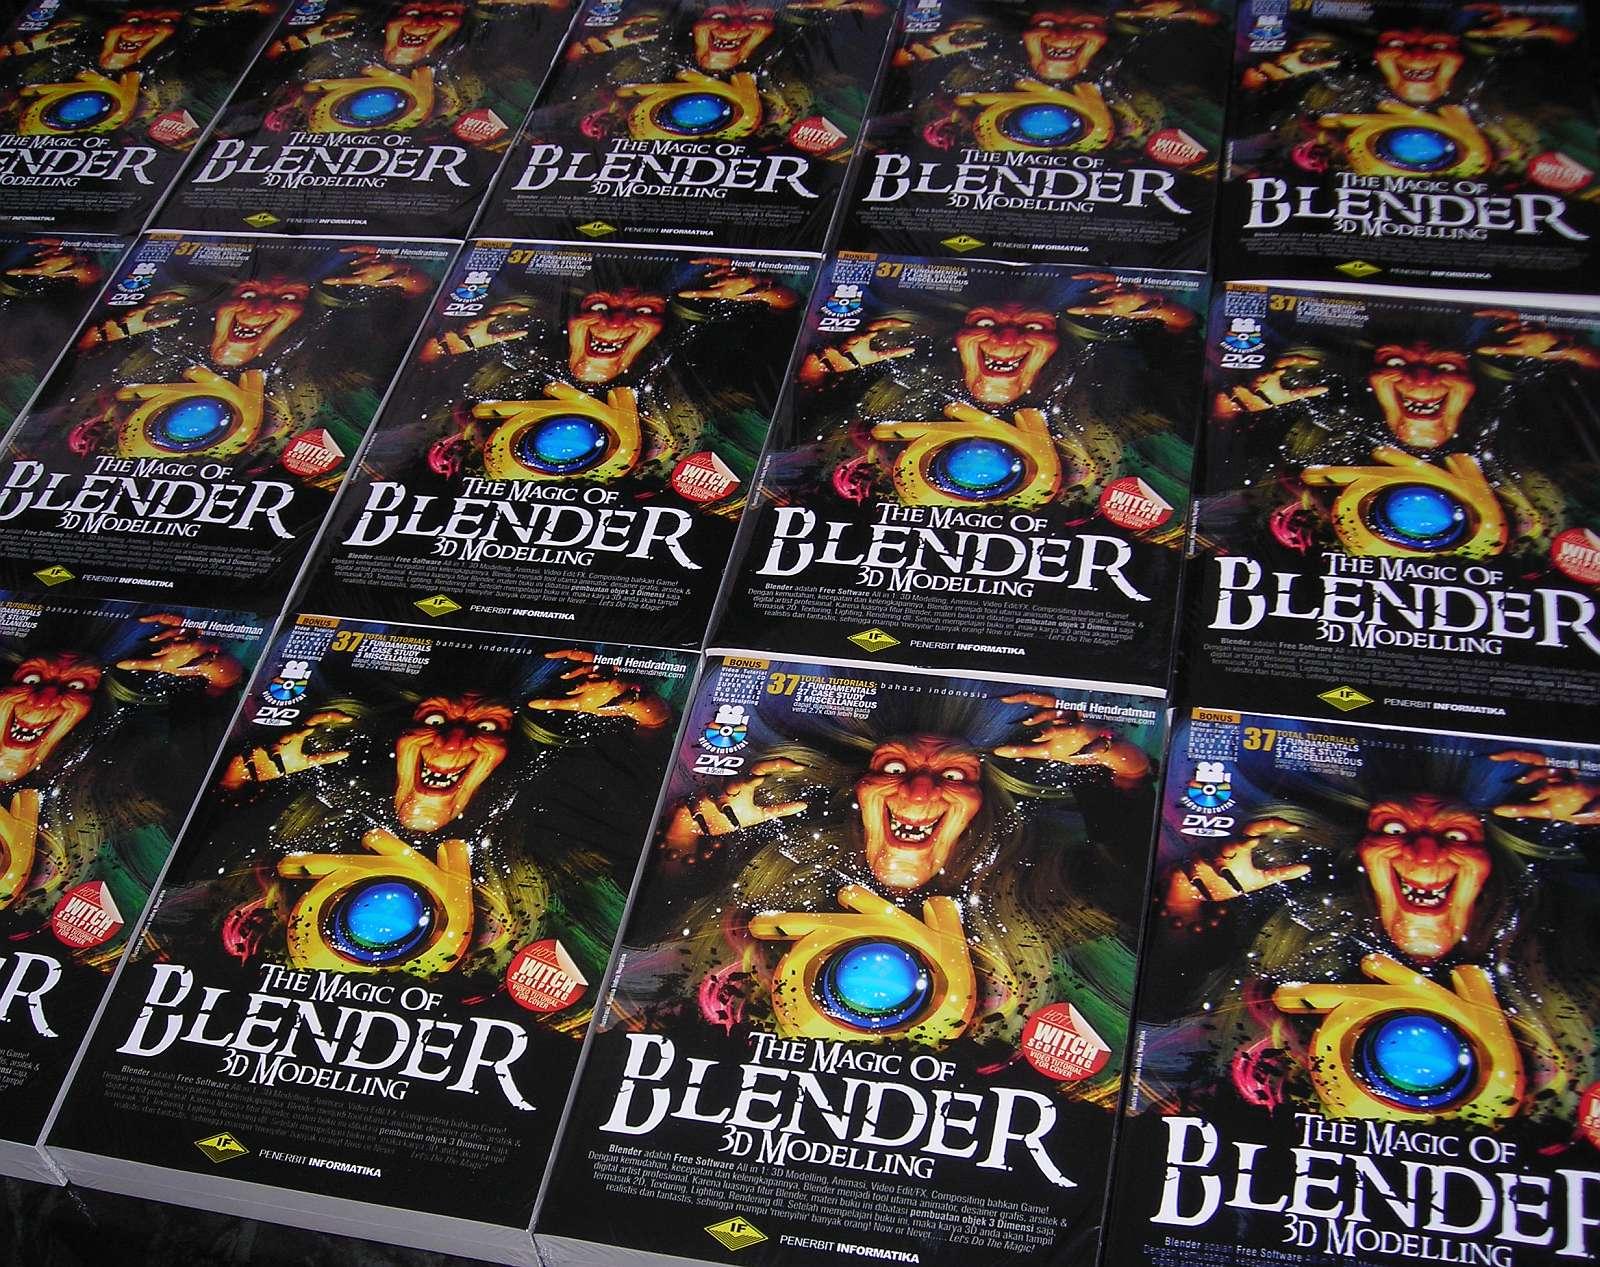 Buku Blender 3D Modelling untuk Pemula blender 3d tutorial buku blender pdf gratis. & Belajar blender dasar \u2013 Tips \u0026 Trik Windows | Internet | Desain ...